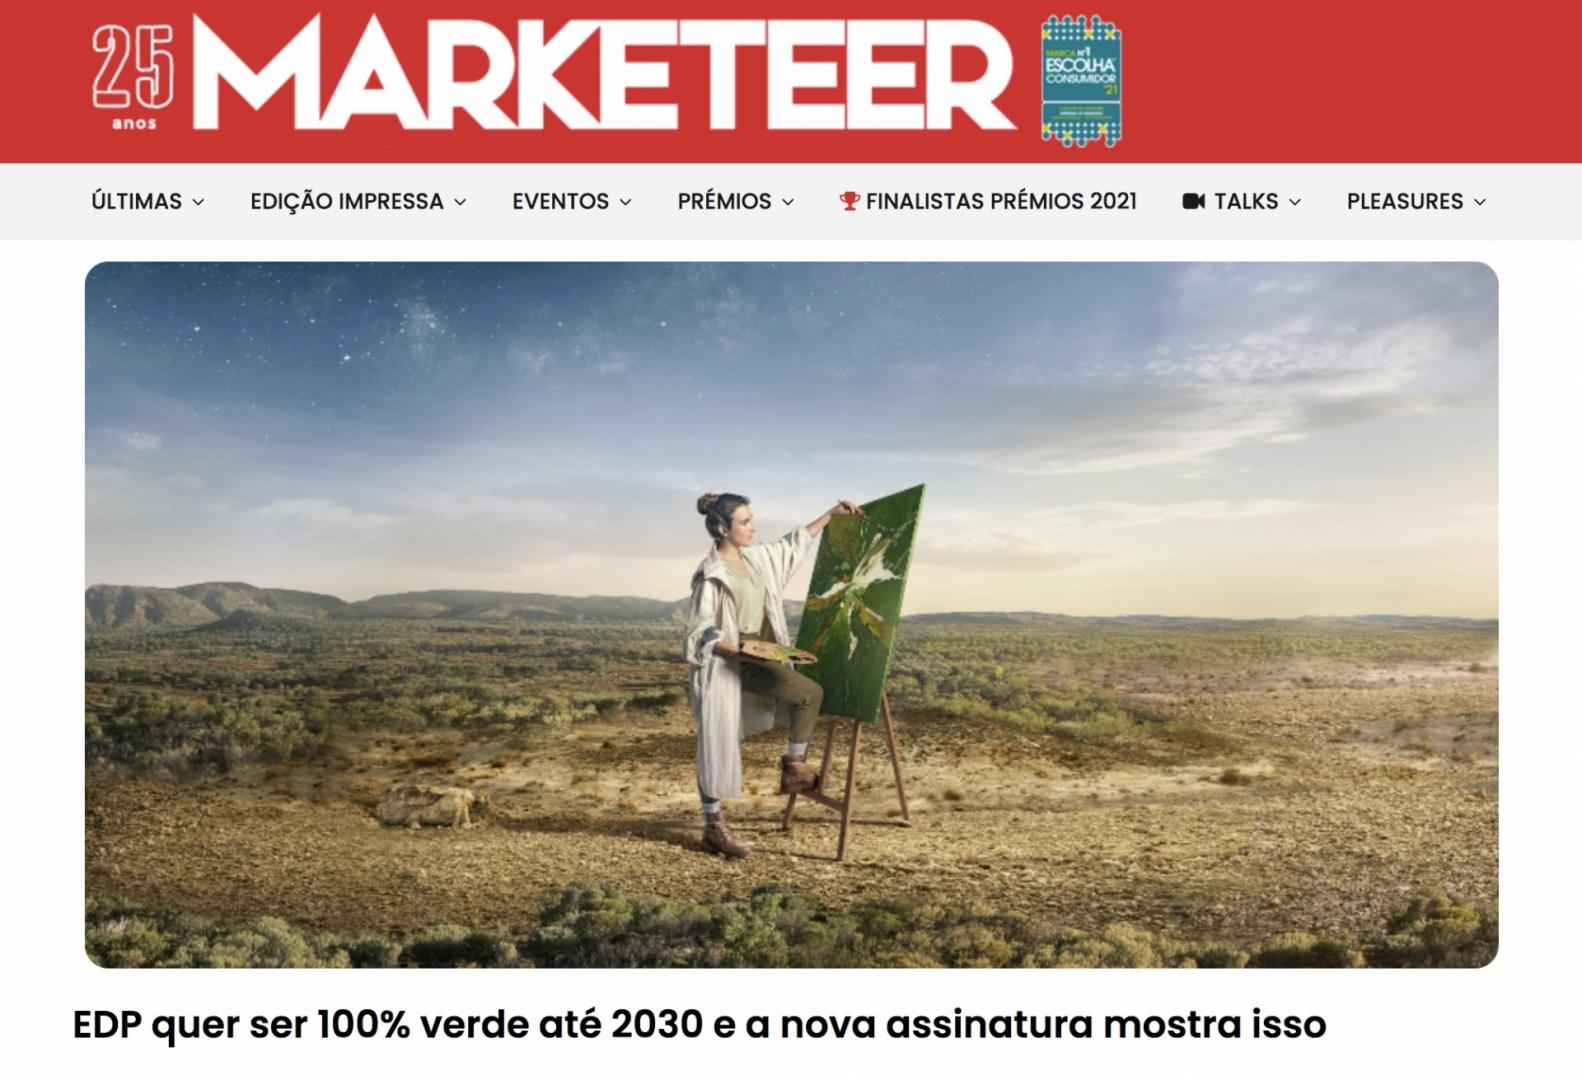 Carolina Piteira Press Marketeer - EDP quer ser 100% verde até 2030 e a nova assinatura mostra isso (1)